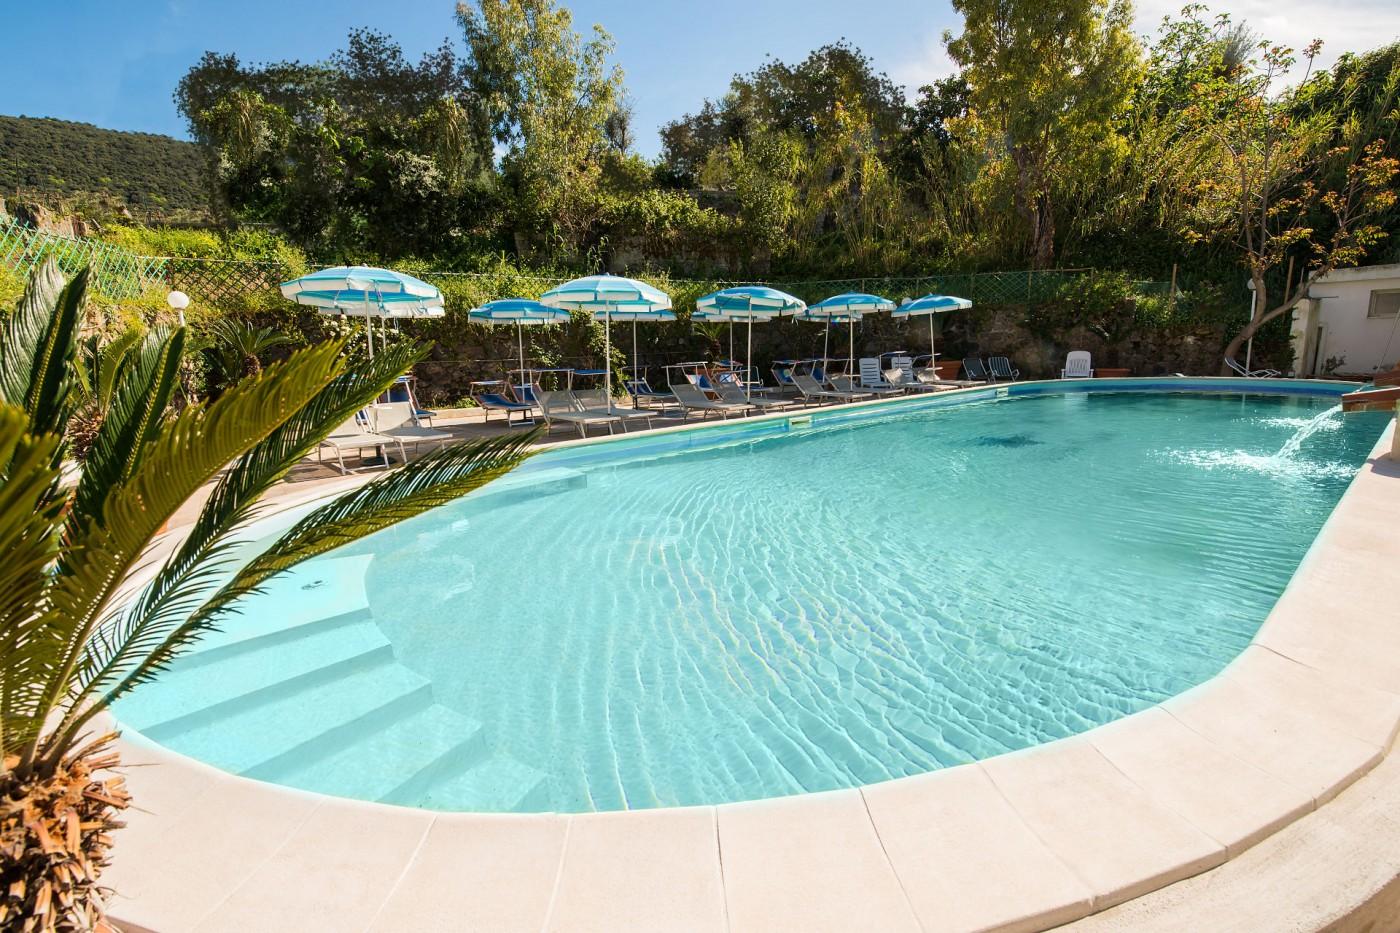 hotel-stella-maris-ischia-piscina-2